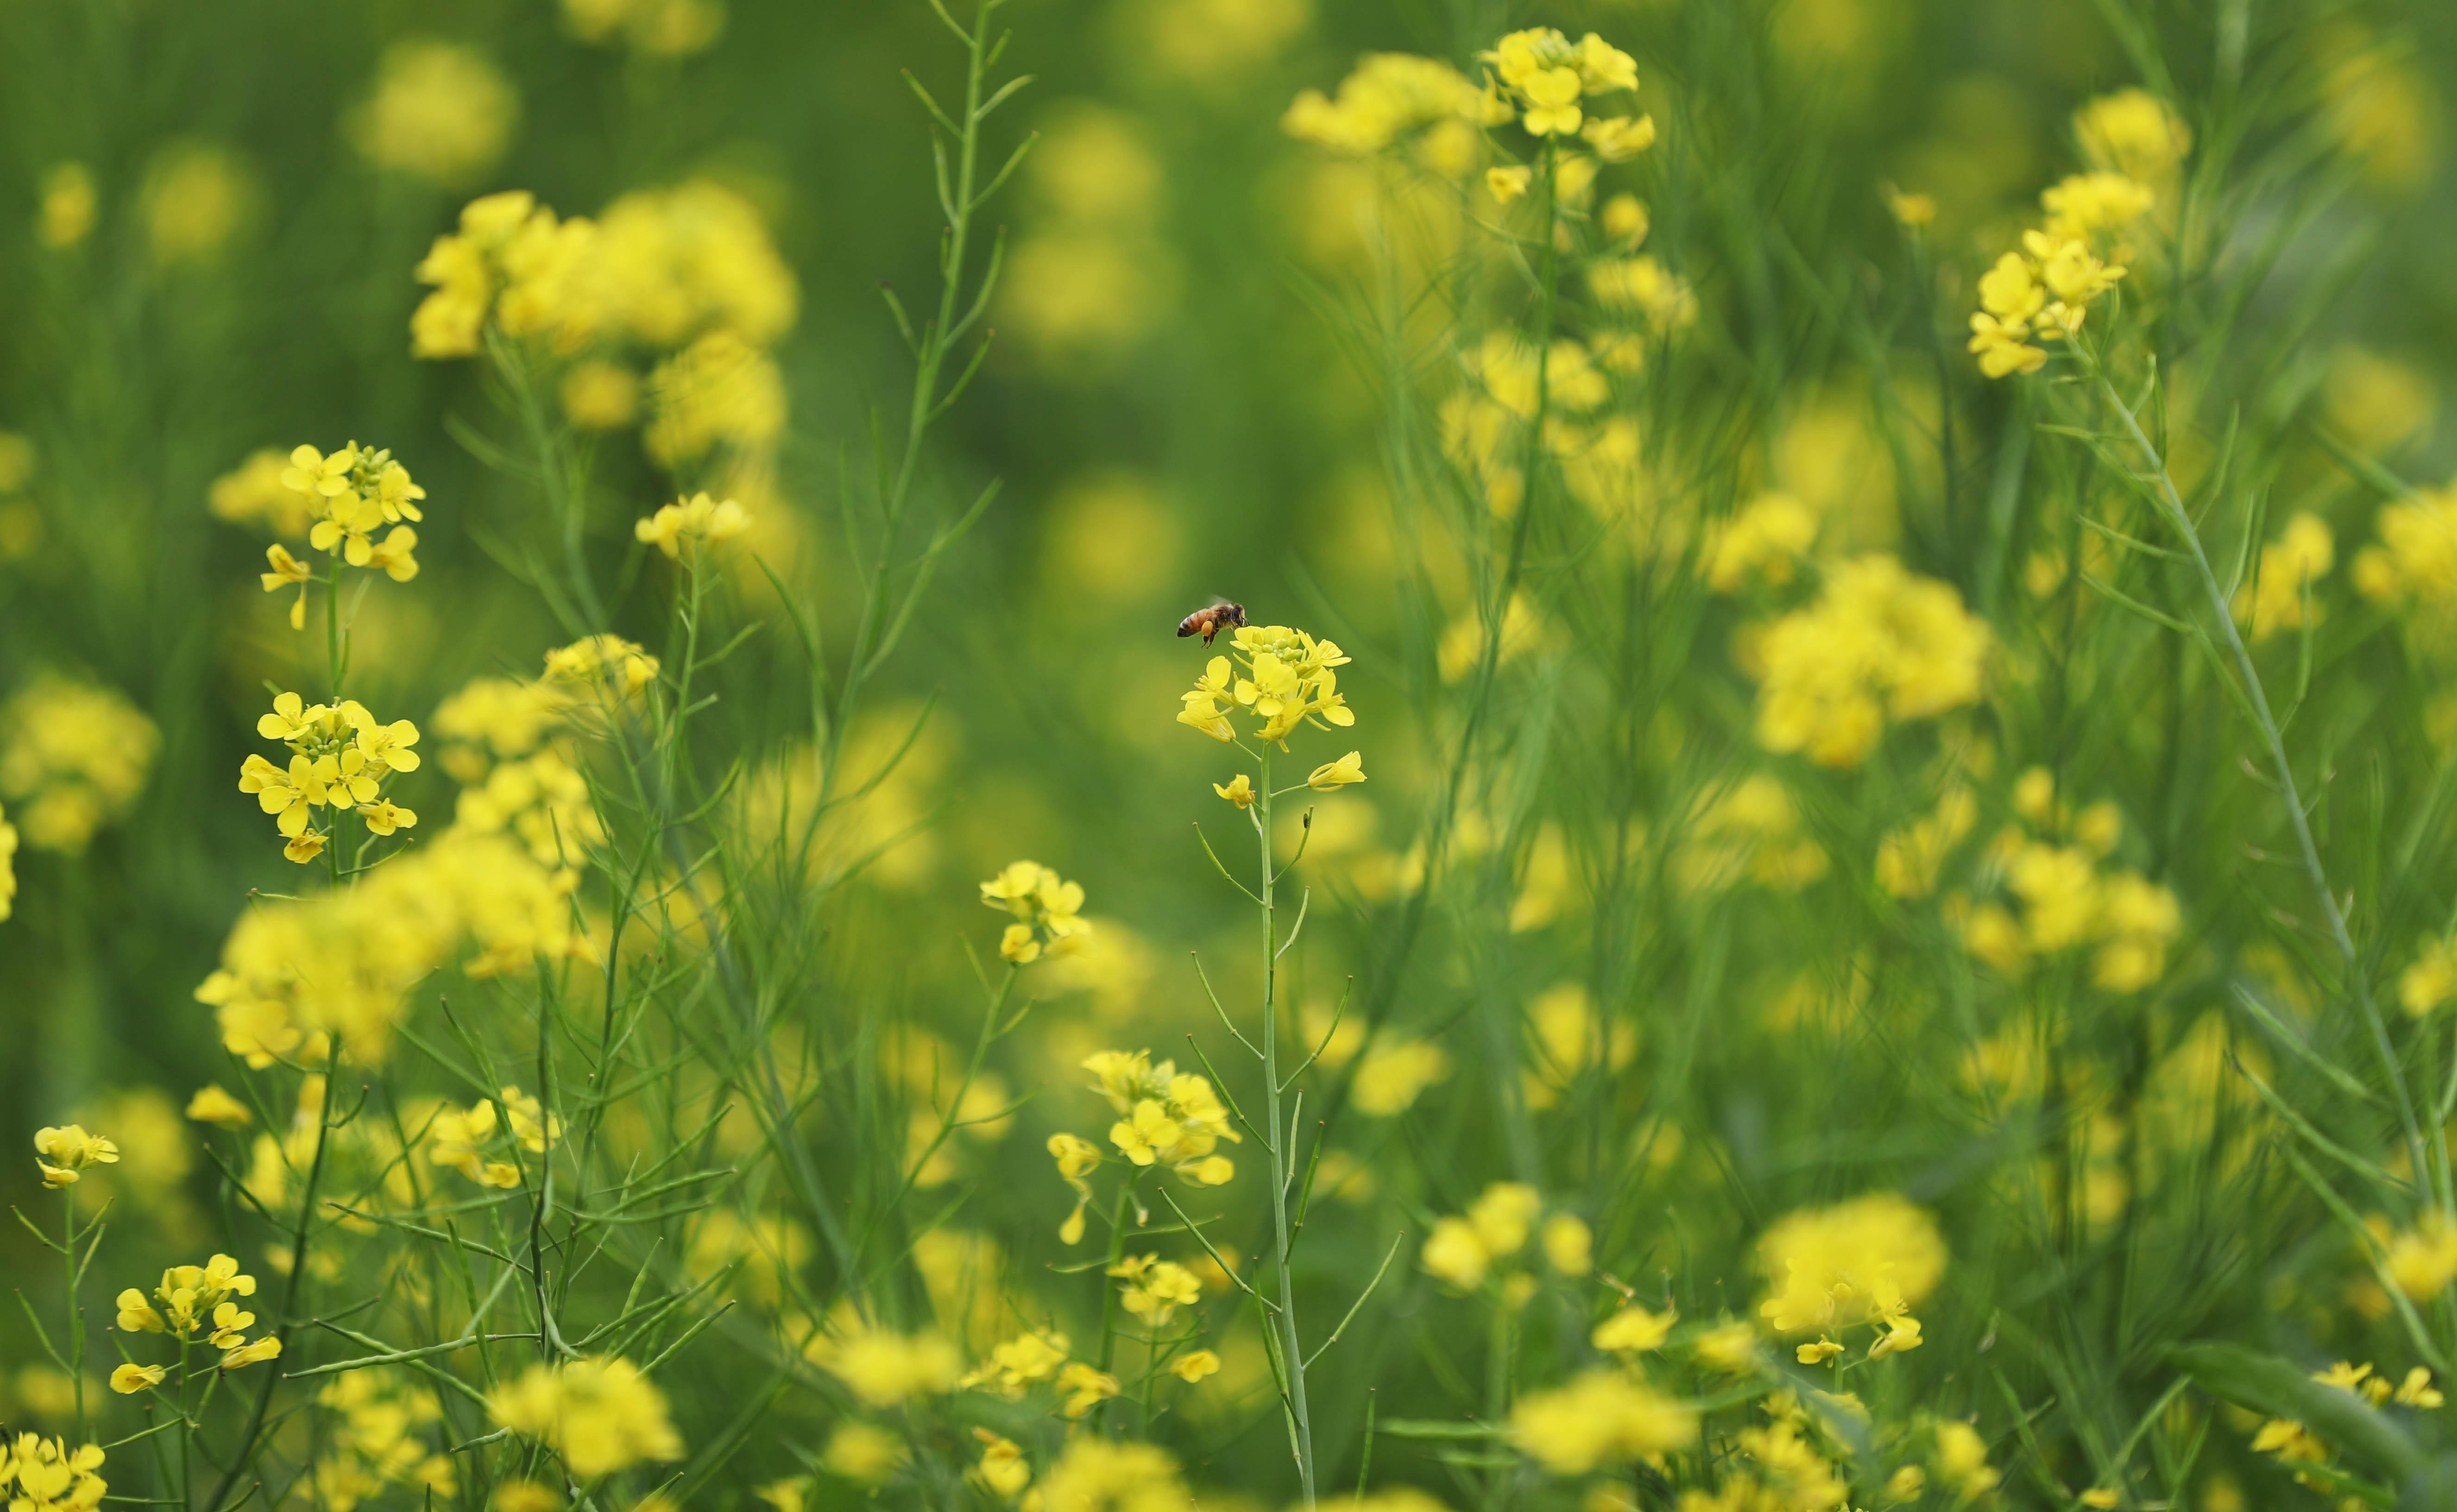 6月3日,一只小蜜蜂在油菜花丛中采蜜.图片